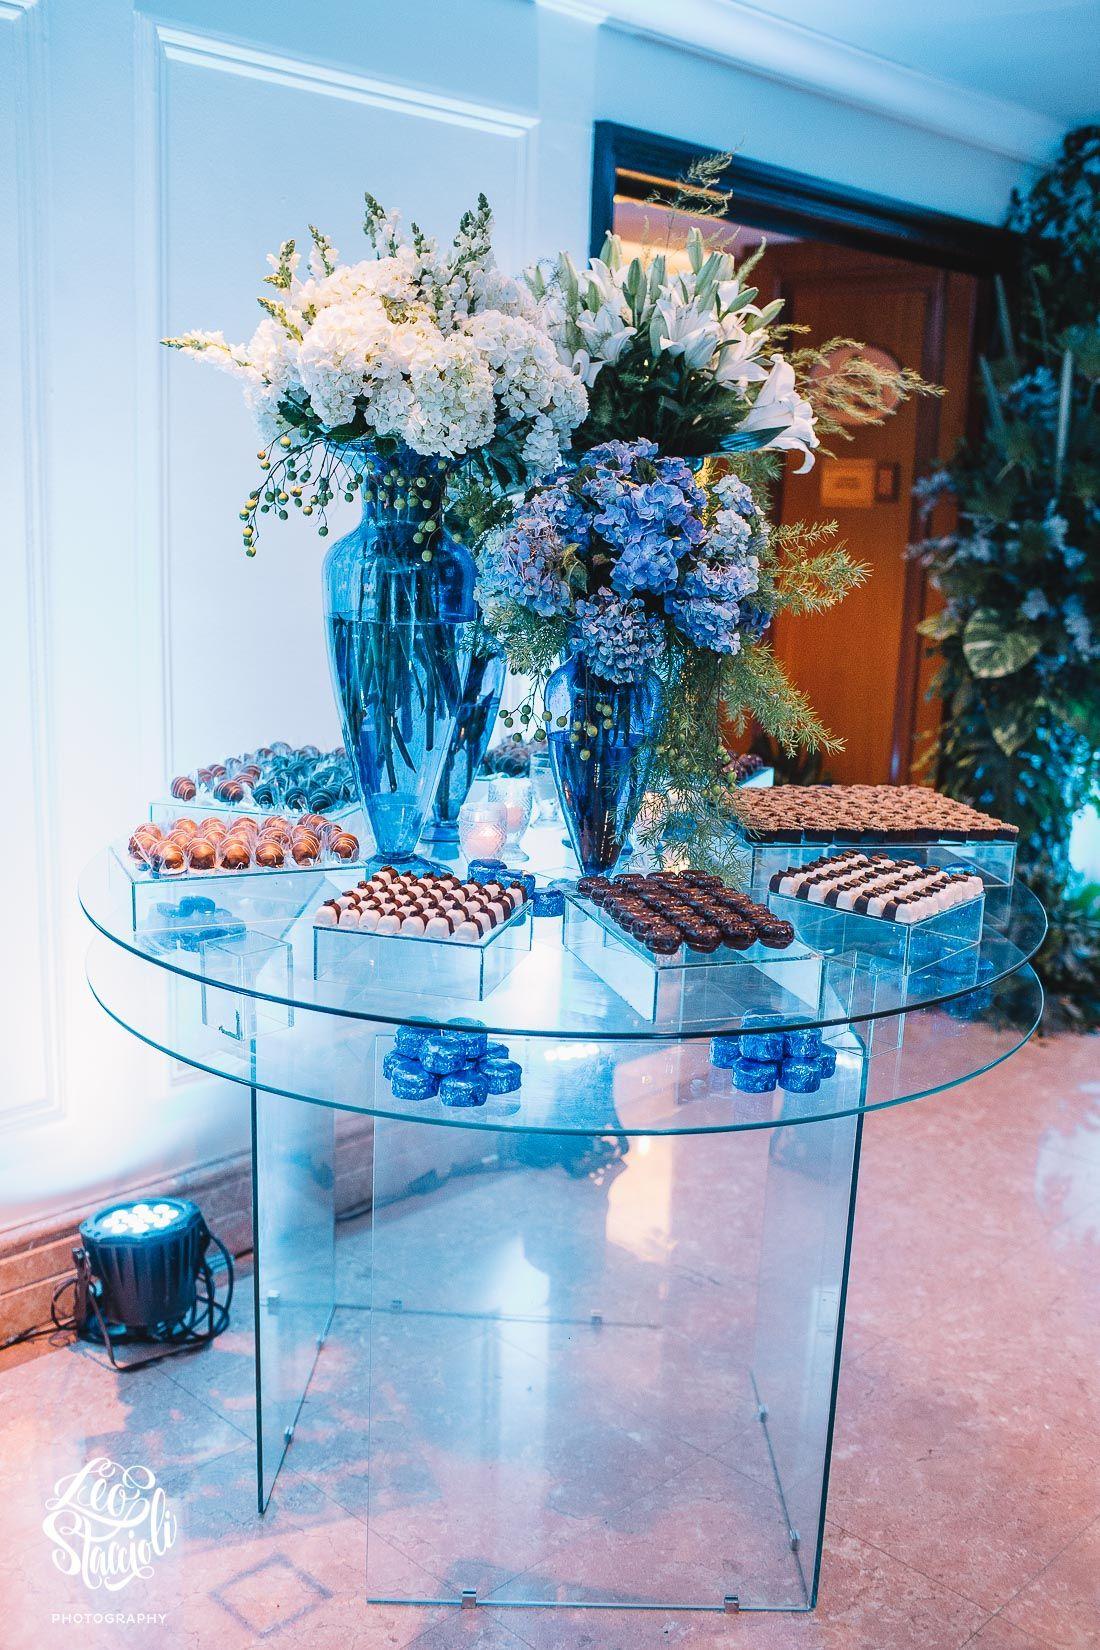 Mesa De Chocolates Em Vidro Com Arranjos Em Hortensias E Lirios